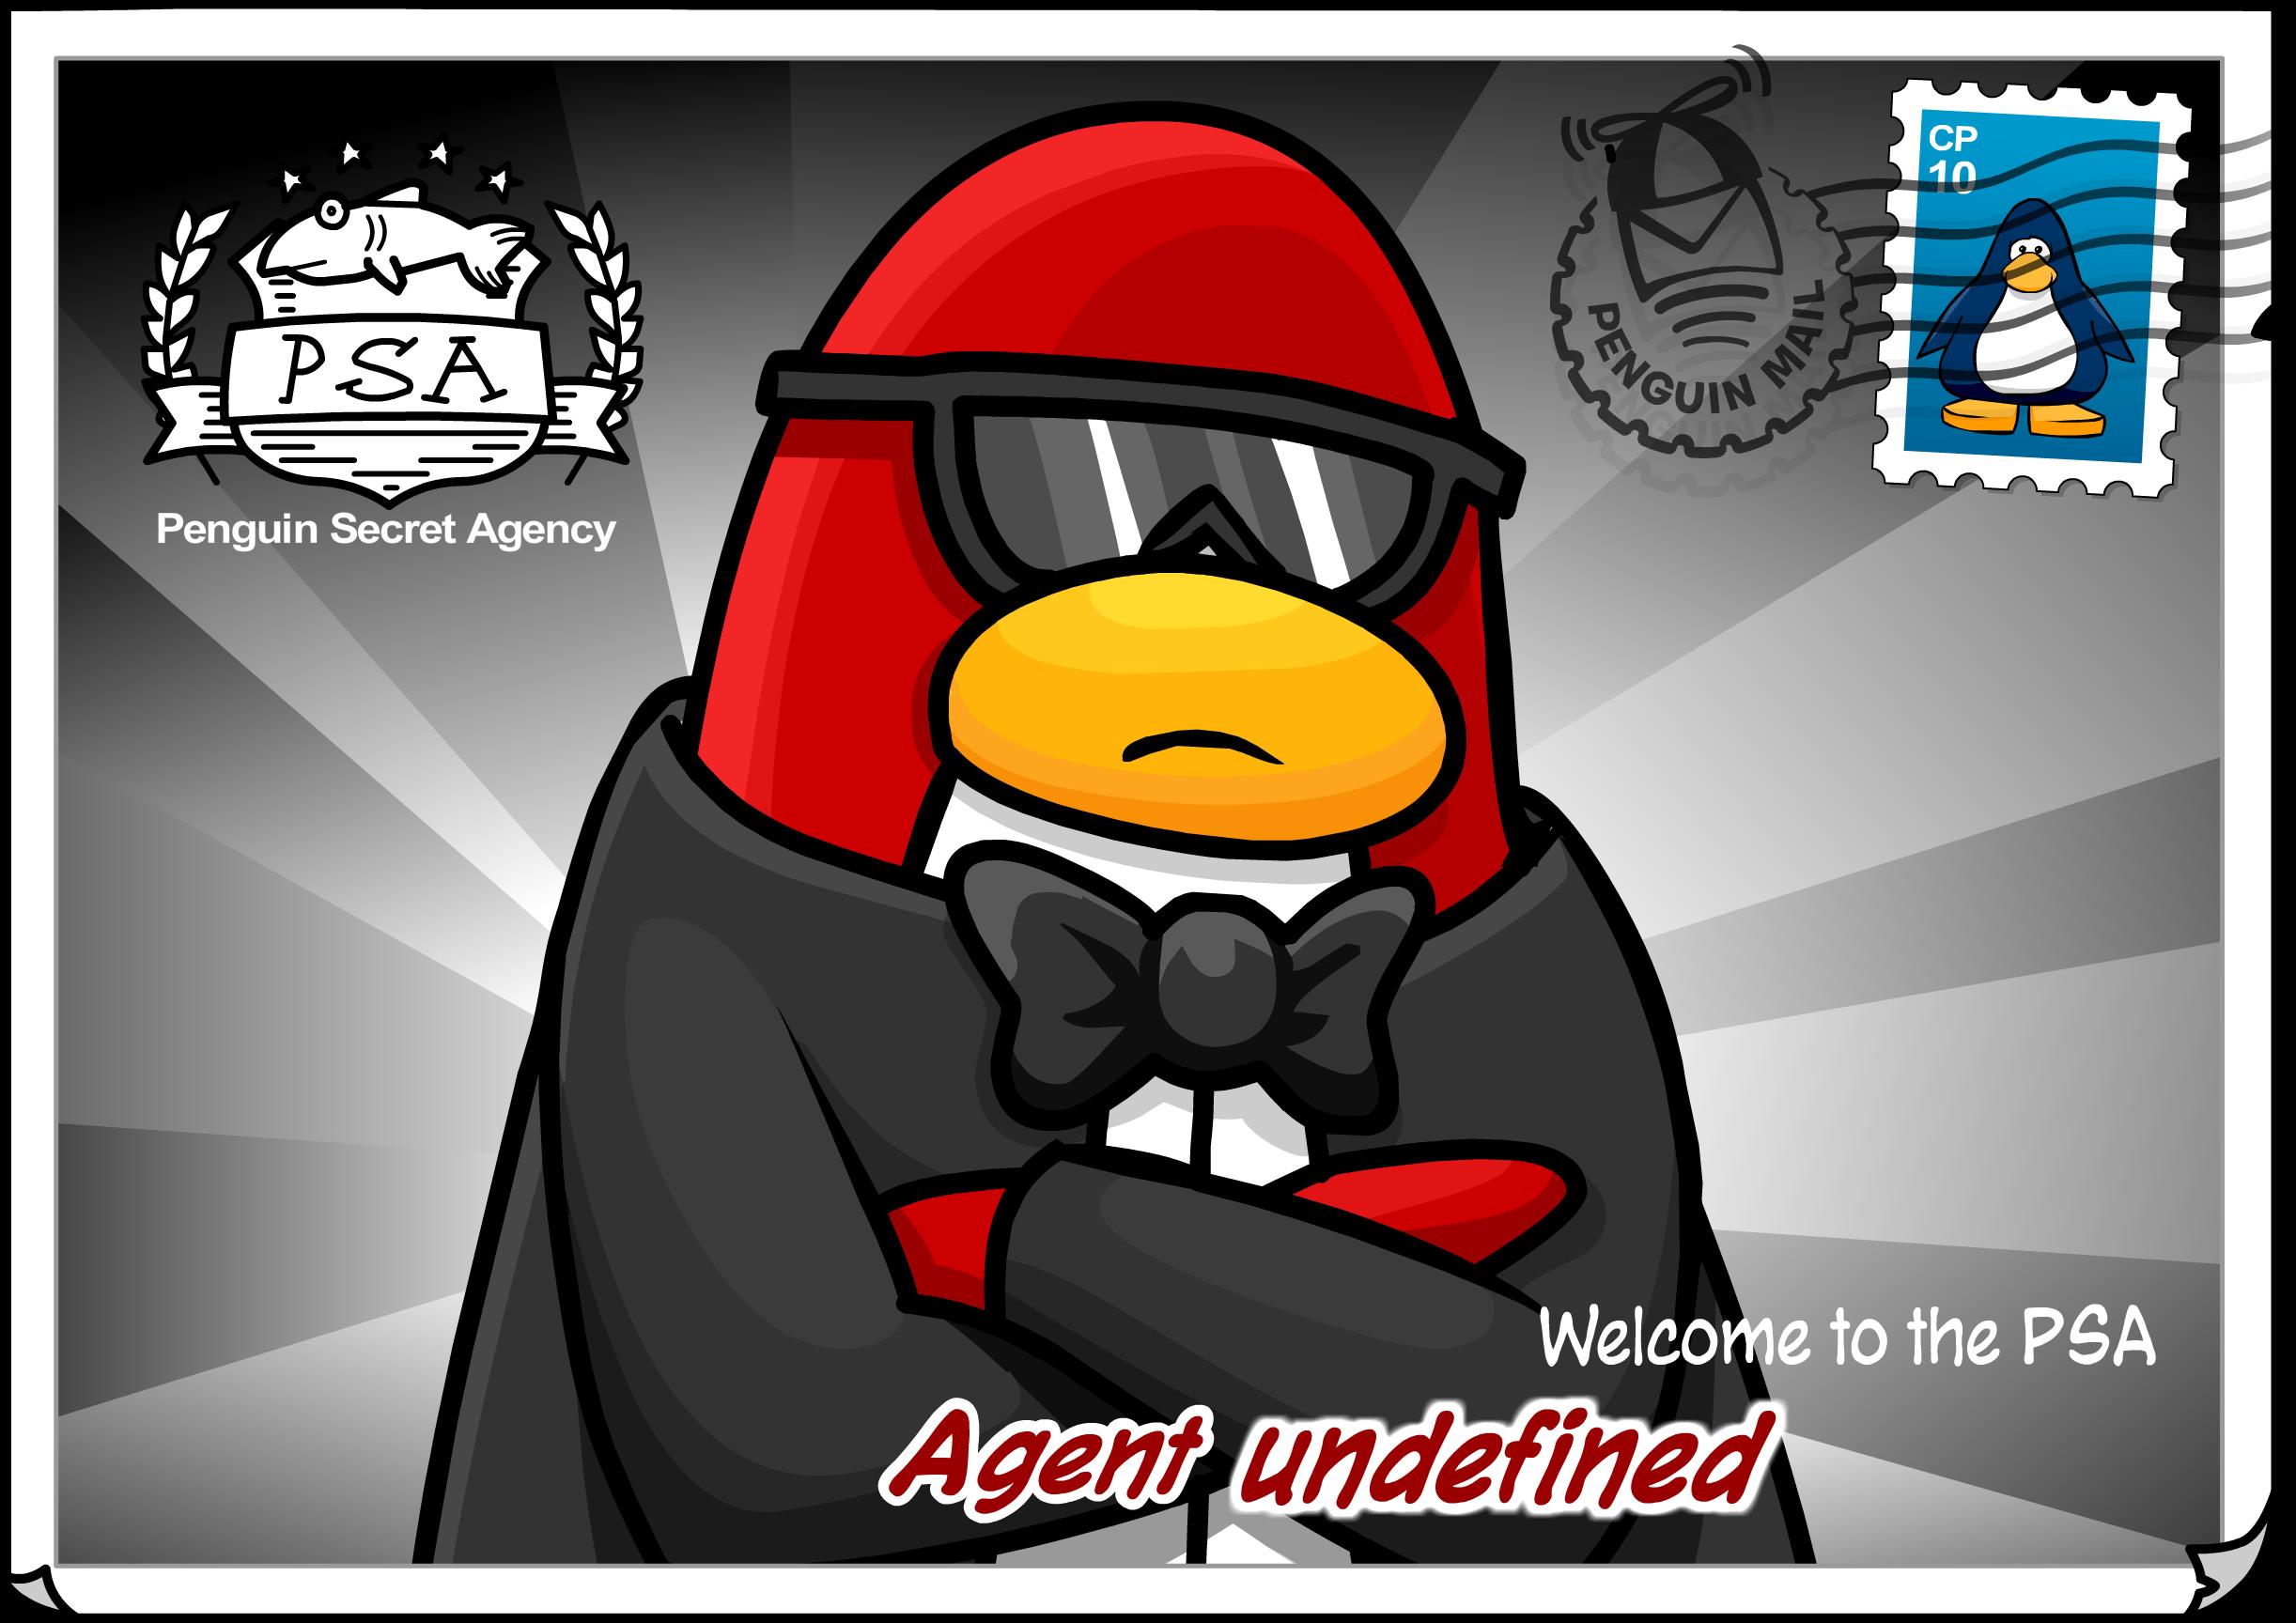 Penguin Secret Agency